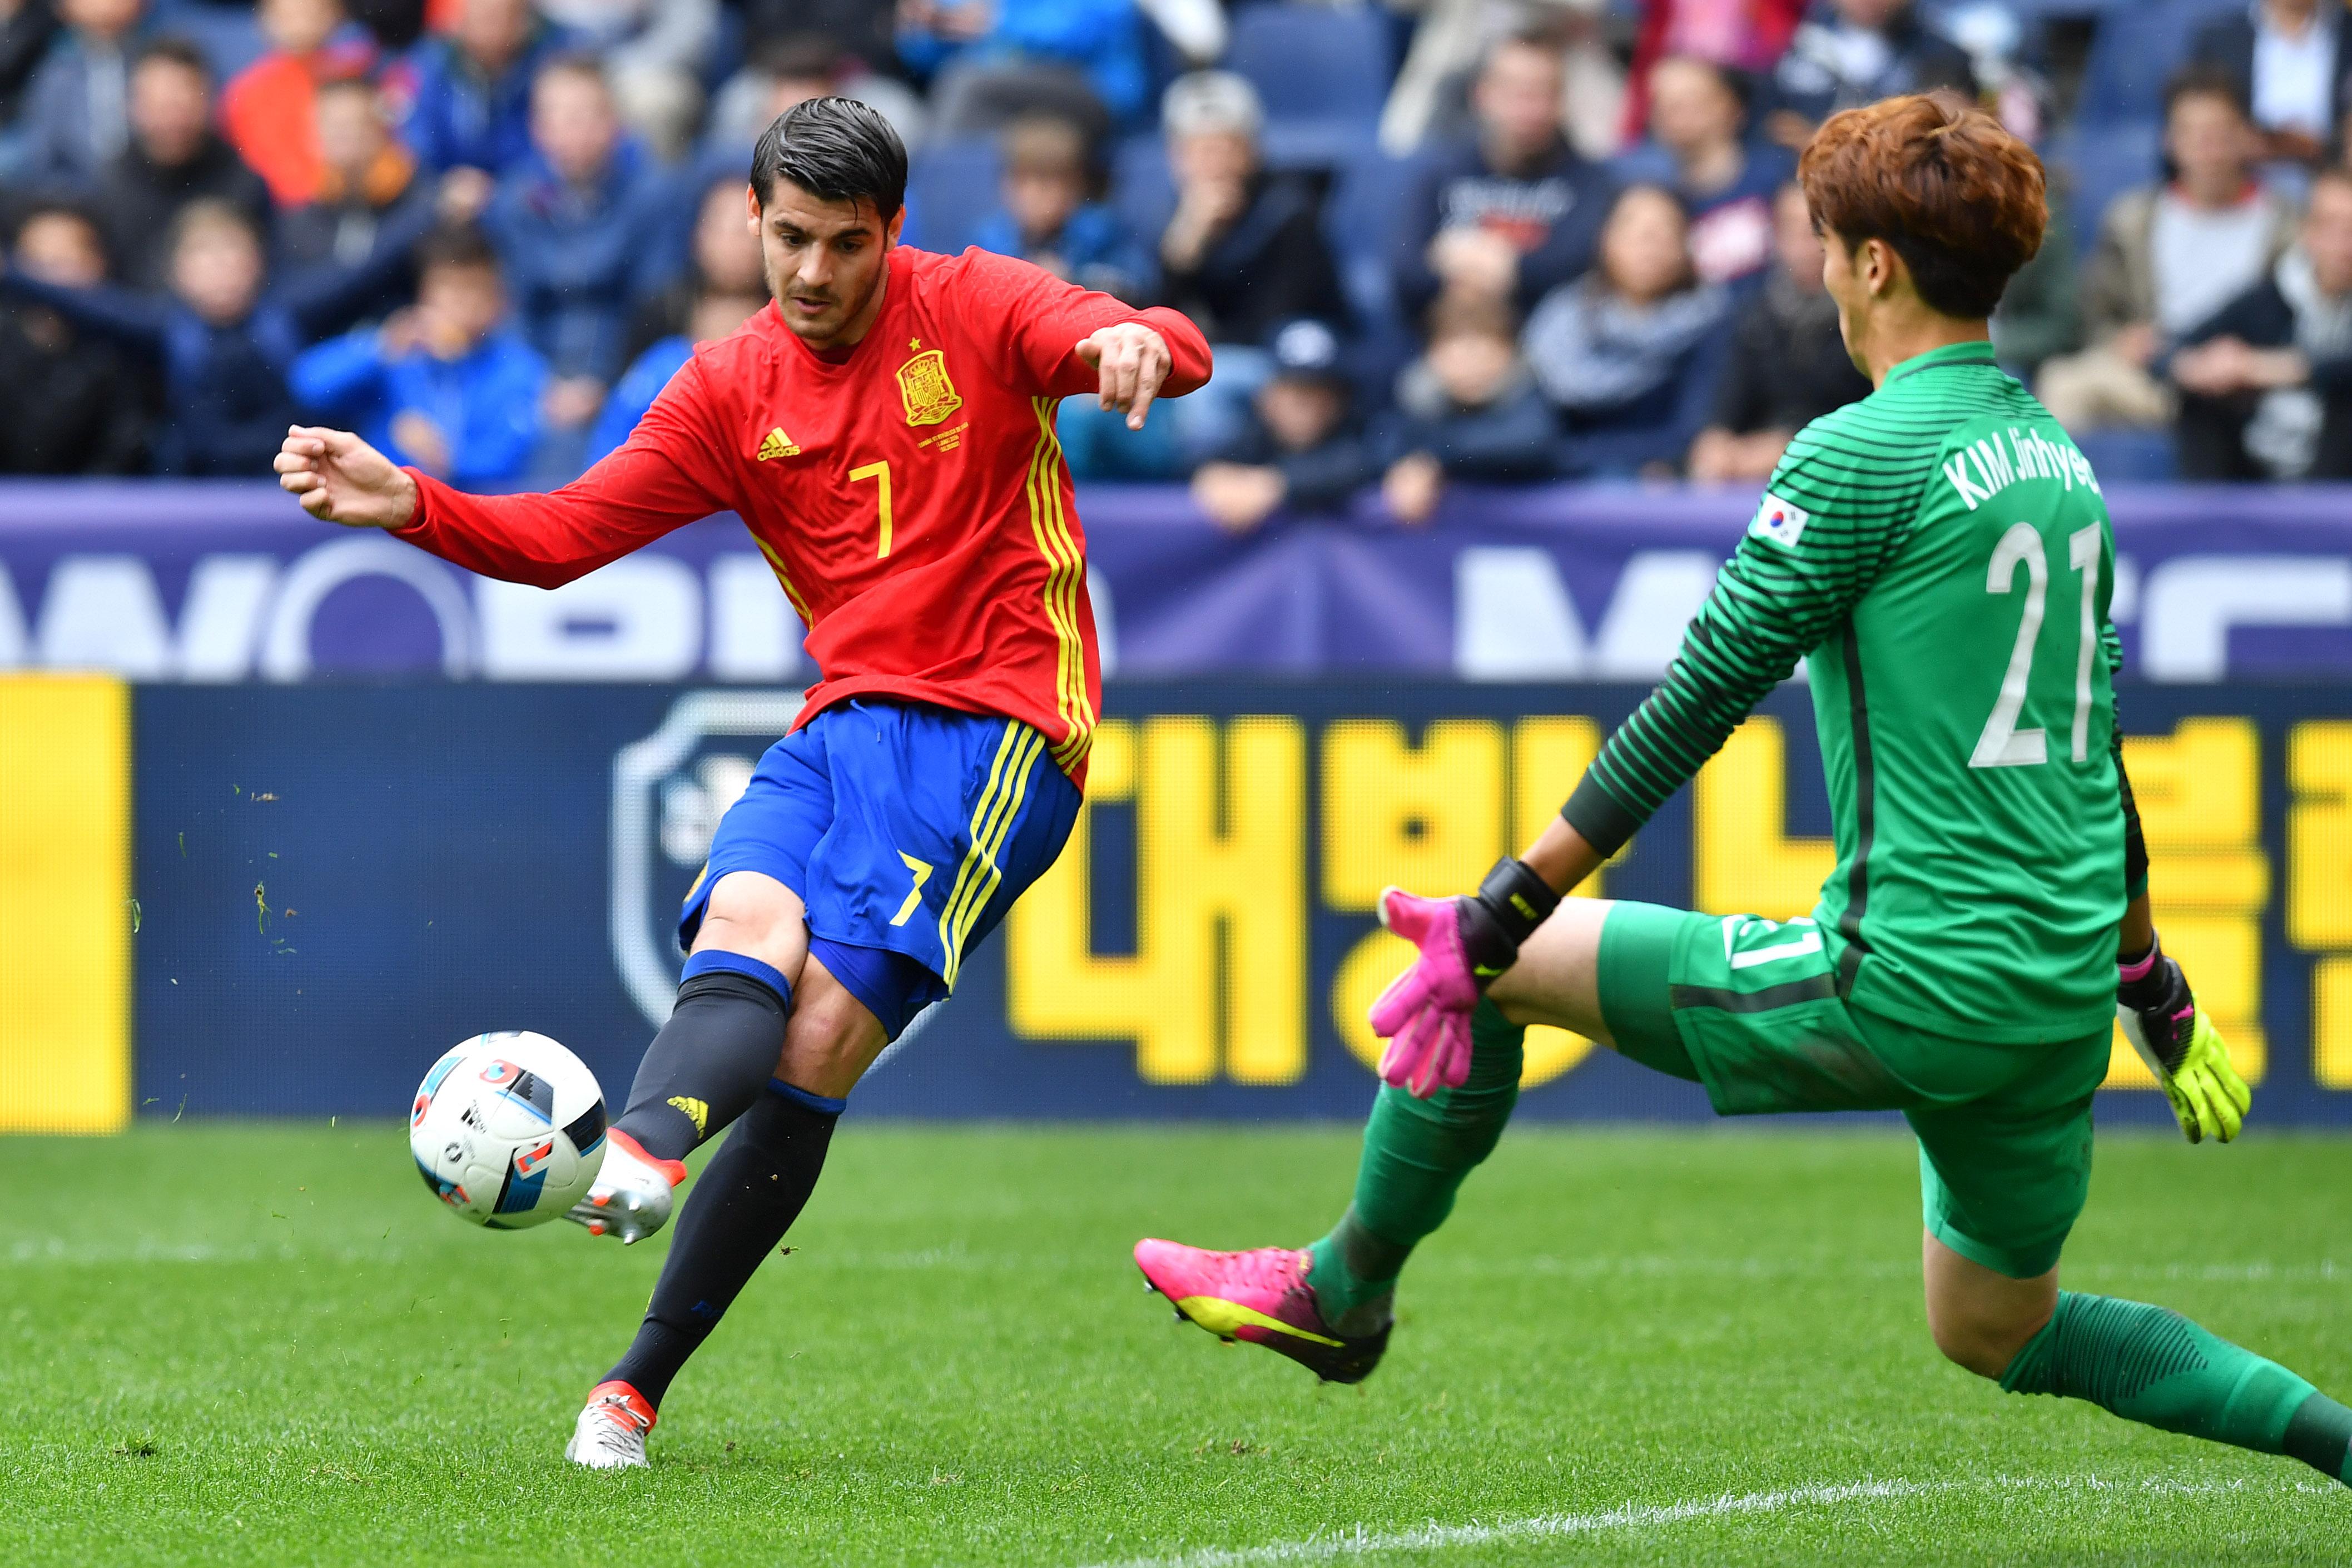 L'Espagne explose la Corée du Sud